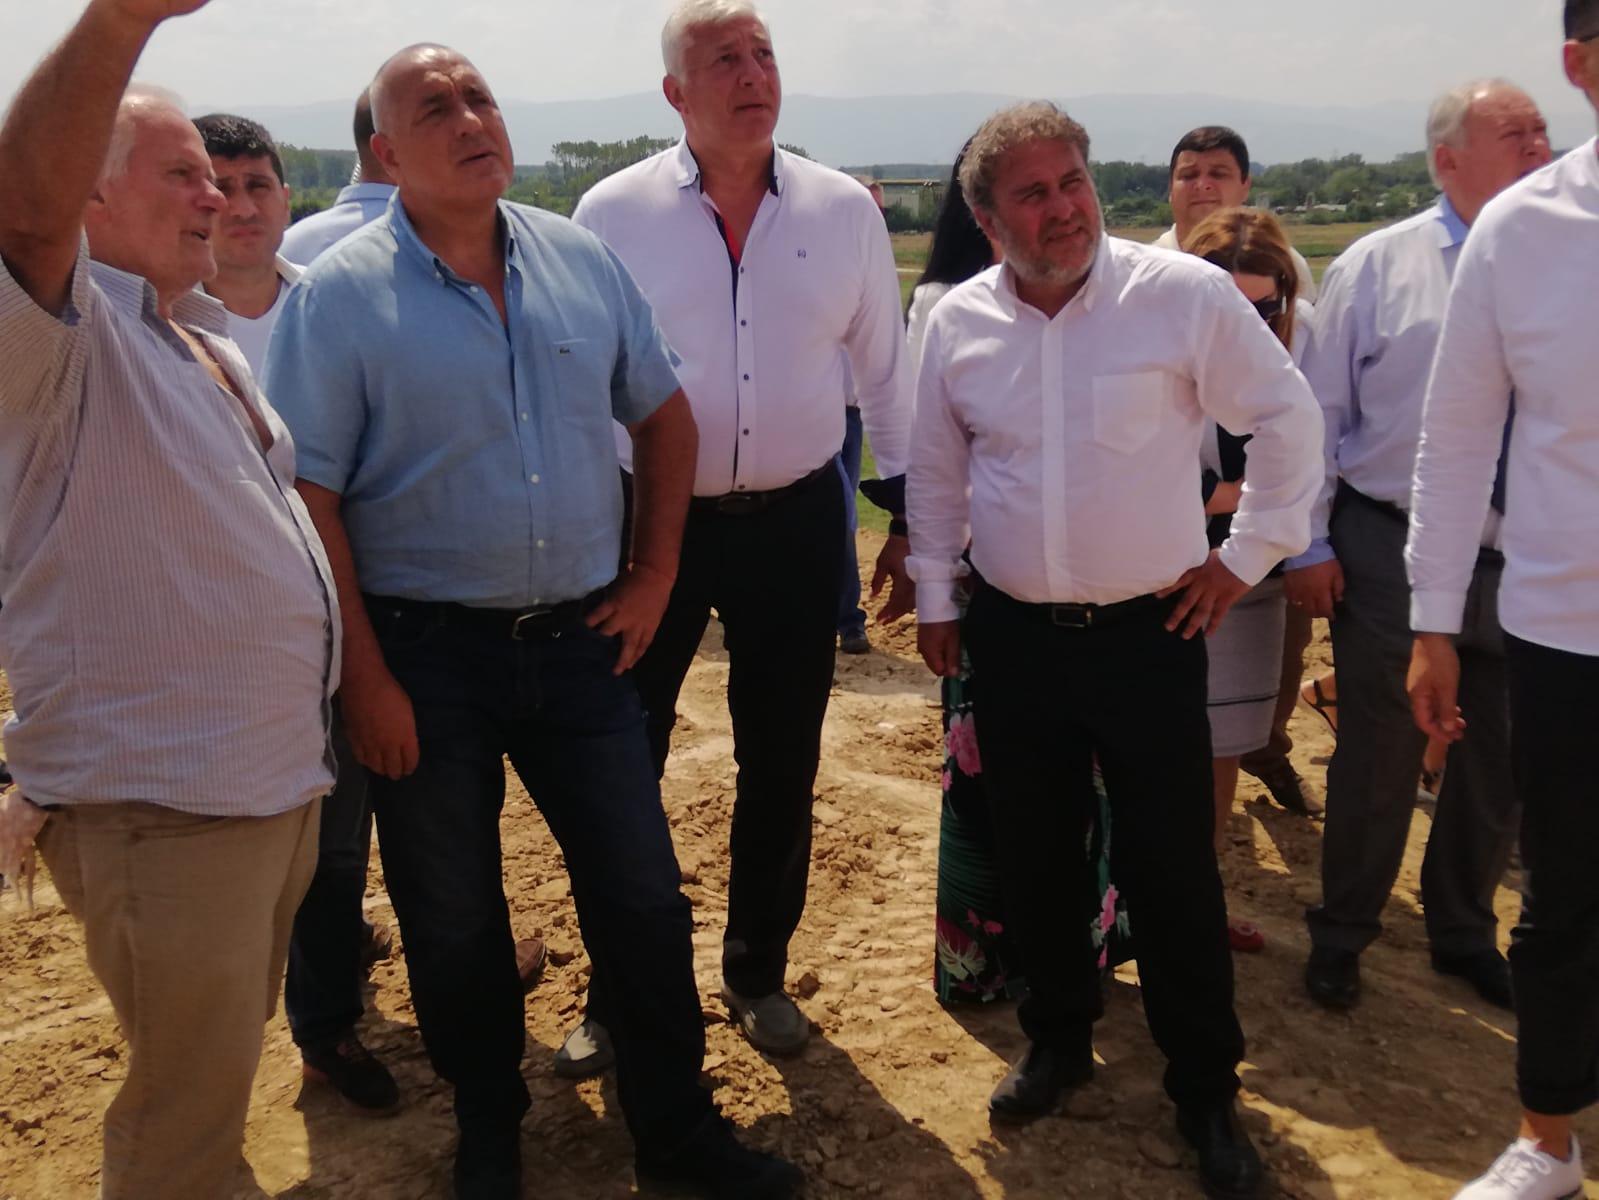 Премиерът Бойко Борисов и министърът на културата Боил Банов разгледаха находките, обяснени от доц. Костадин Кисьов, директор на Регионален археологически музей- Пловдив и ръководител на разкопките.